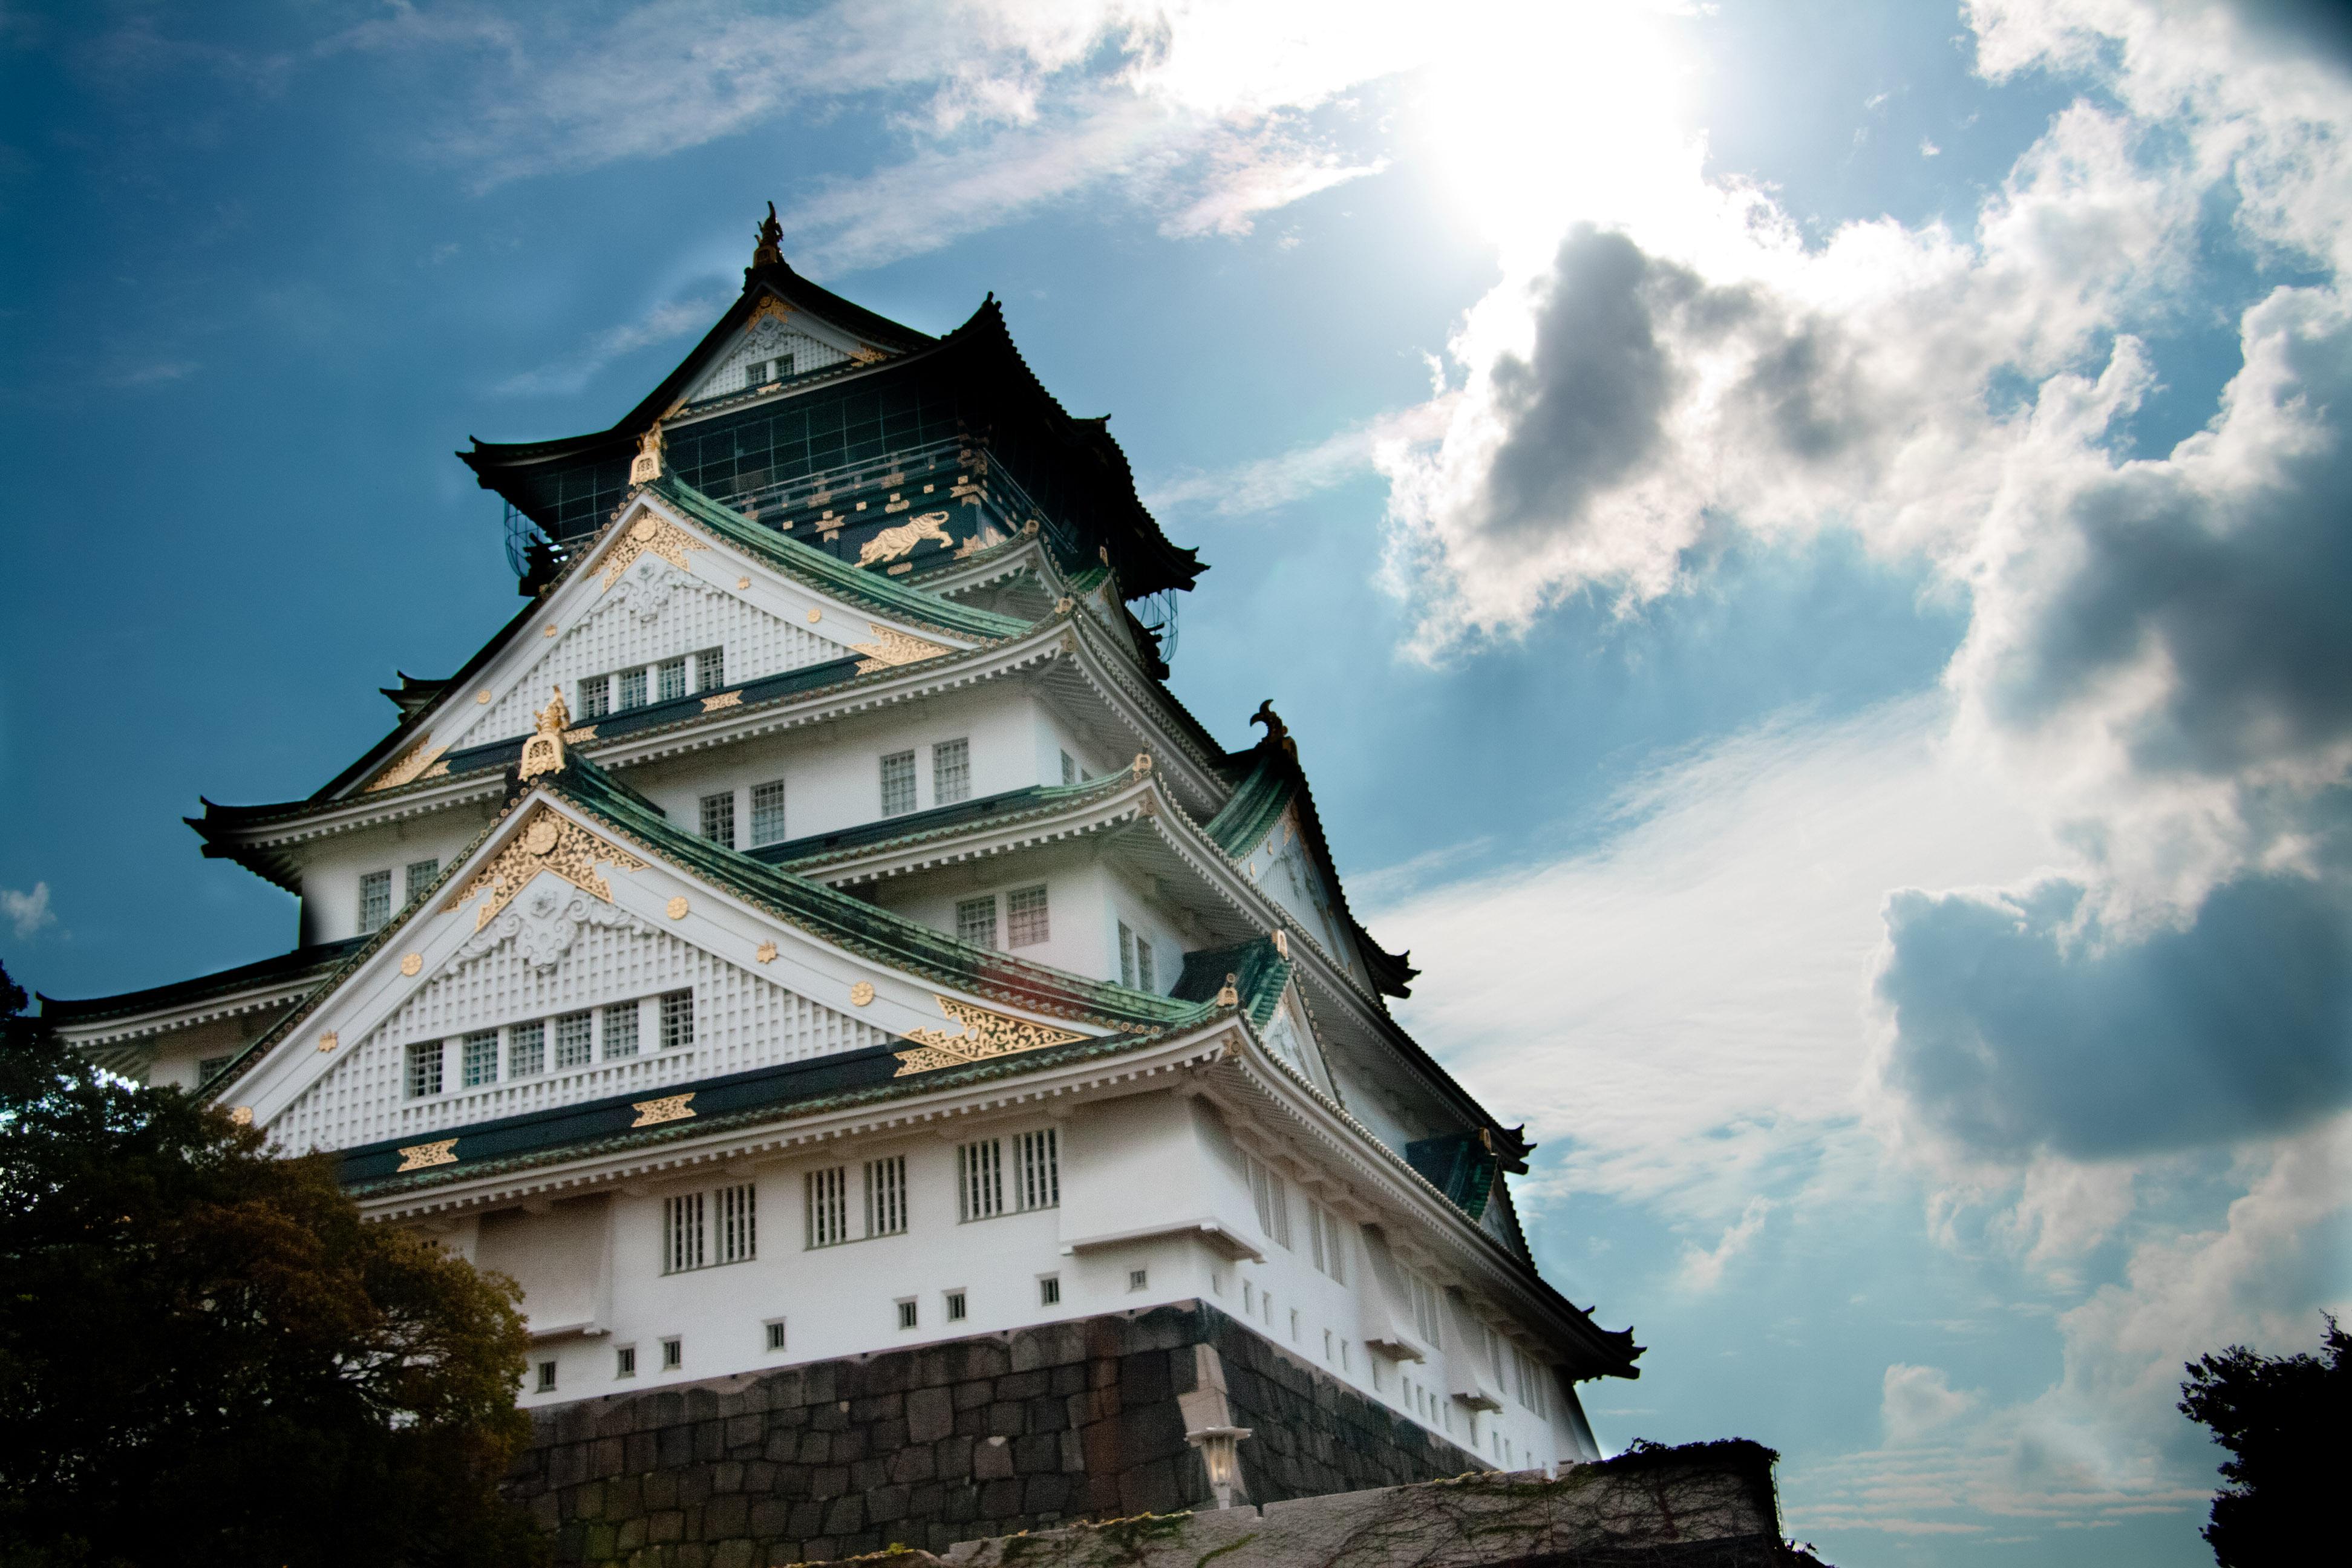 フリー寫真素材|建築・建造物|宮殿・城|日本|大阪府|畫像素材なら!無料・フリー寫真素材のフリーフォト